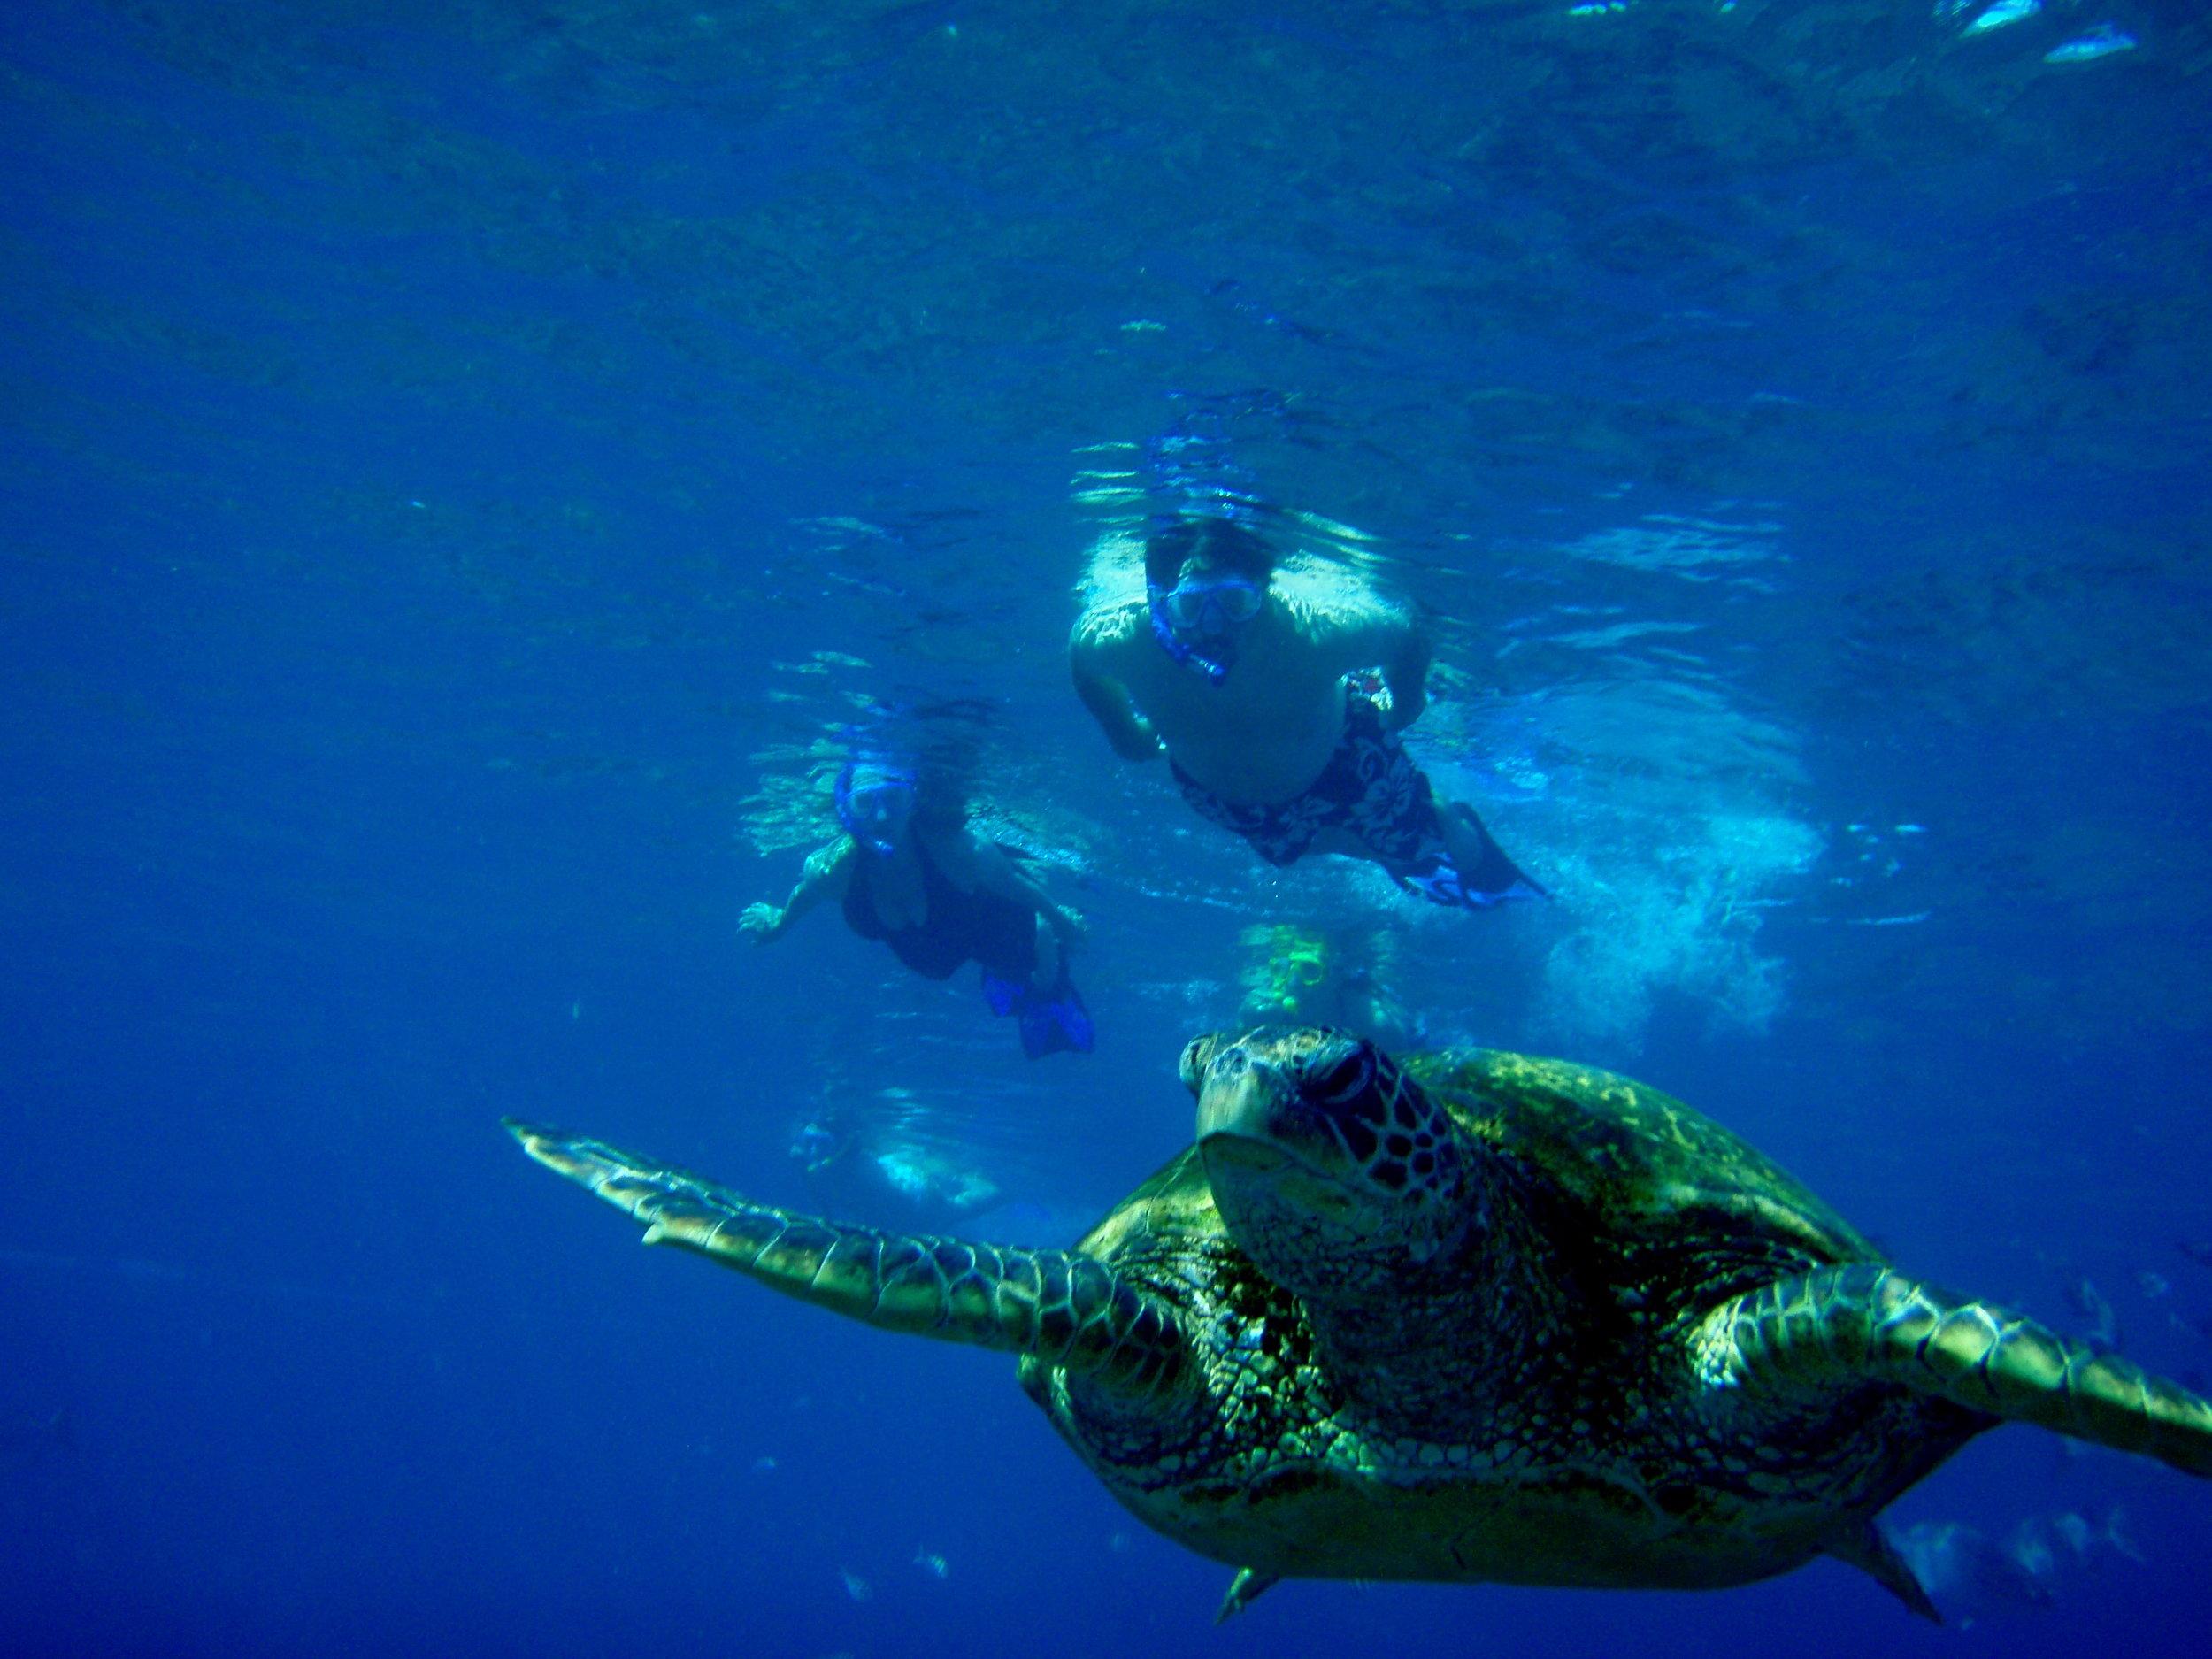 Blue Soul Maui, Maui, Private Tours, Maui Private Tours, Outrigger Canoe, Outrigger Canoe Tour, Paddle Adventure, Canoe Surfing, Green Sea Turtle, Sea Turtle, Outdoor Adventure, Snorkel, Snorkeling, Snorkel Maui, Fish, Hawaiian Fish